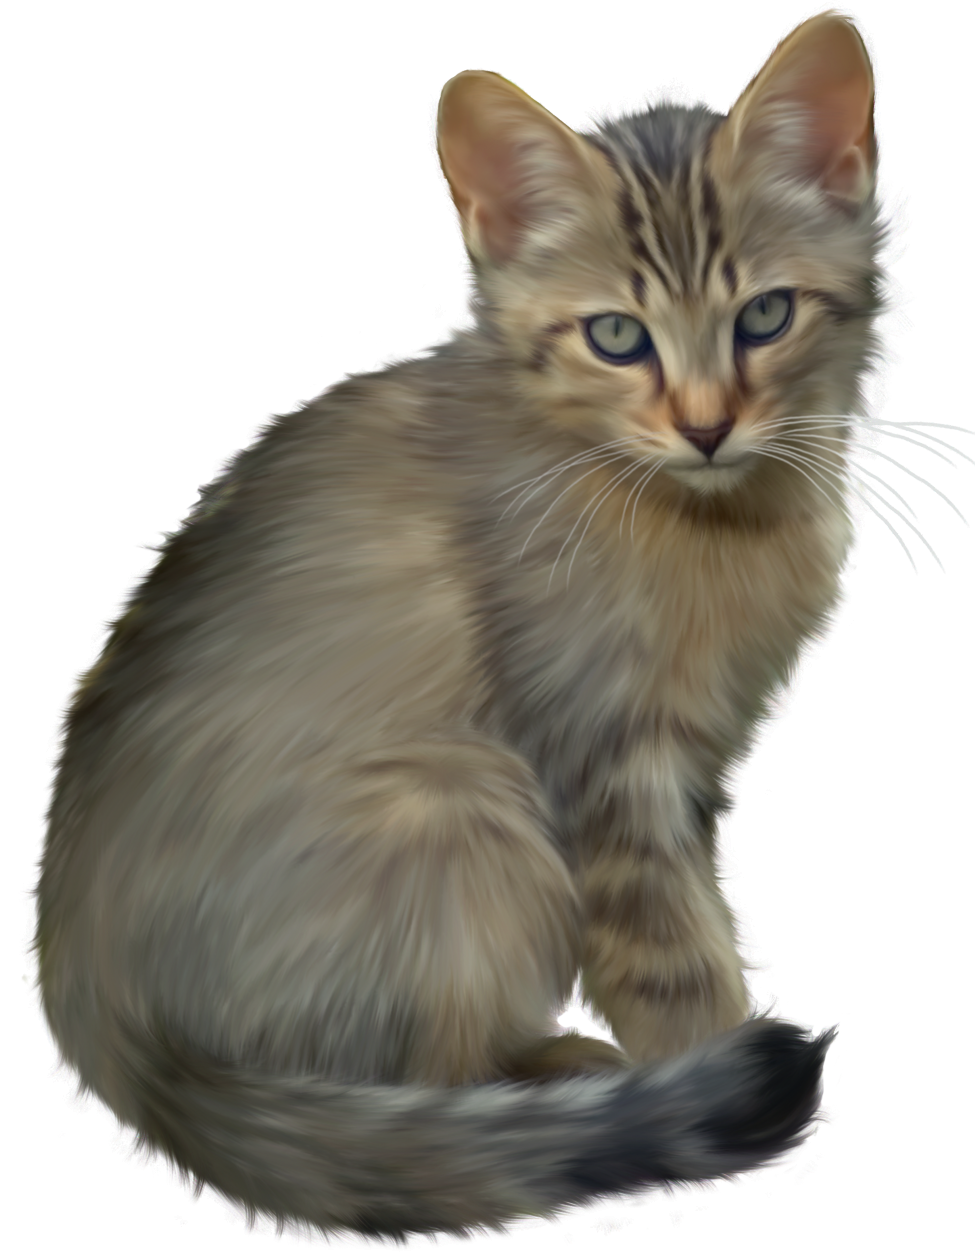 Kitten Transparent PNG Image - Kitten PNG HD